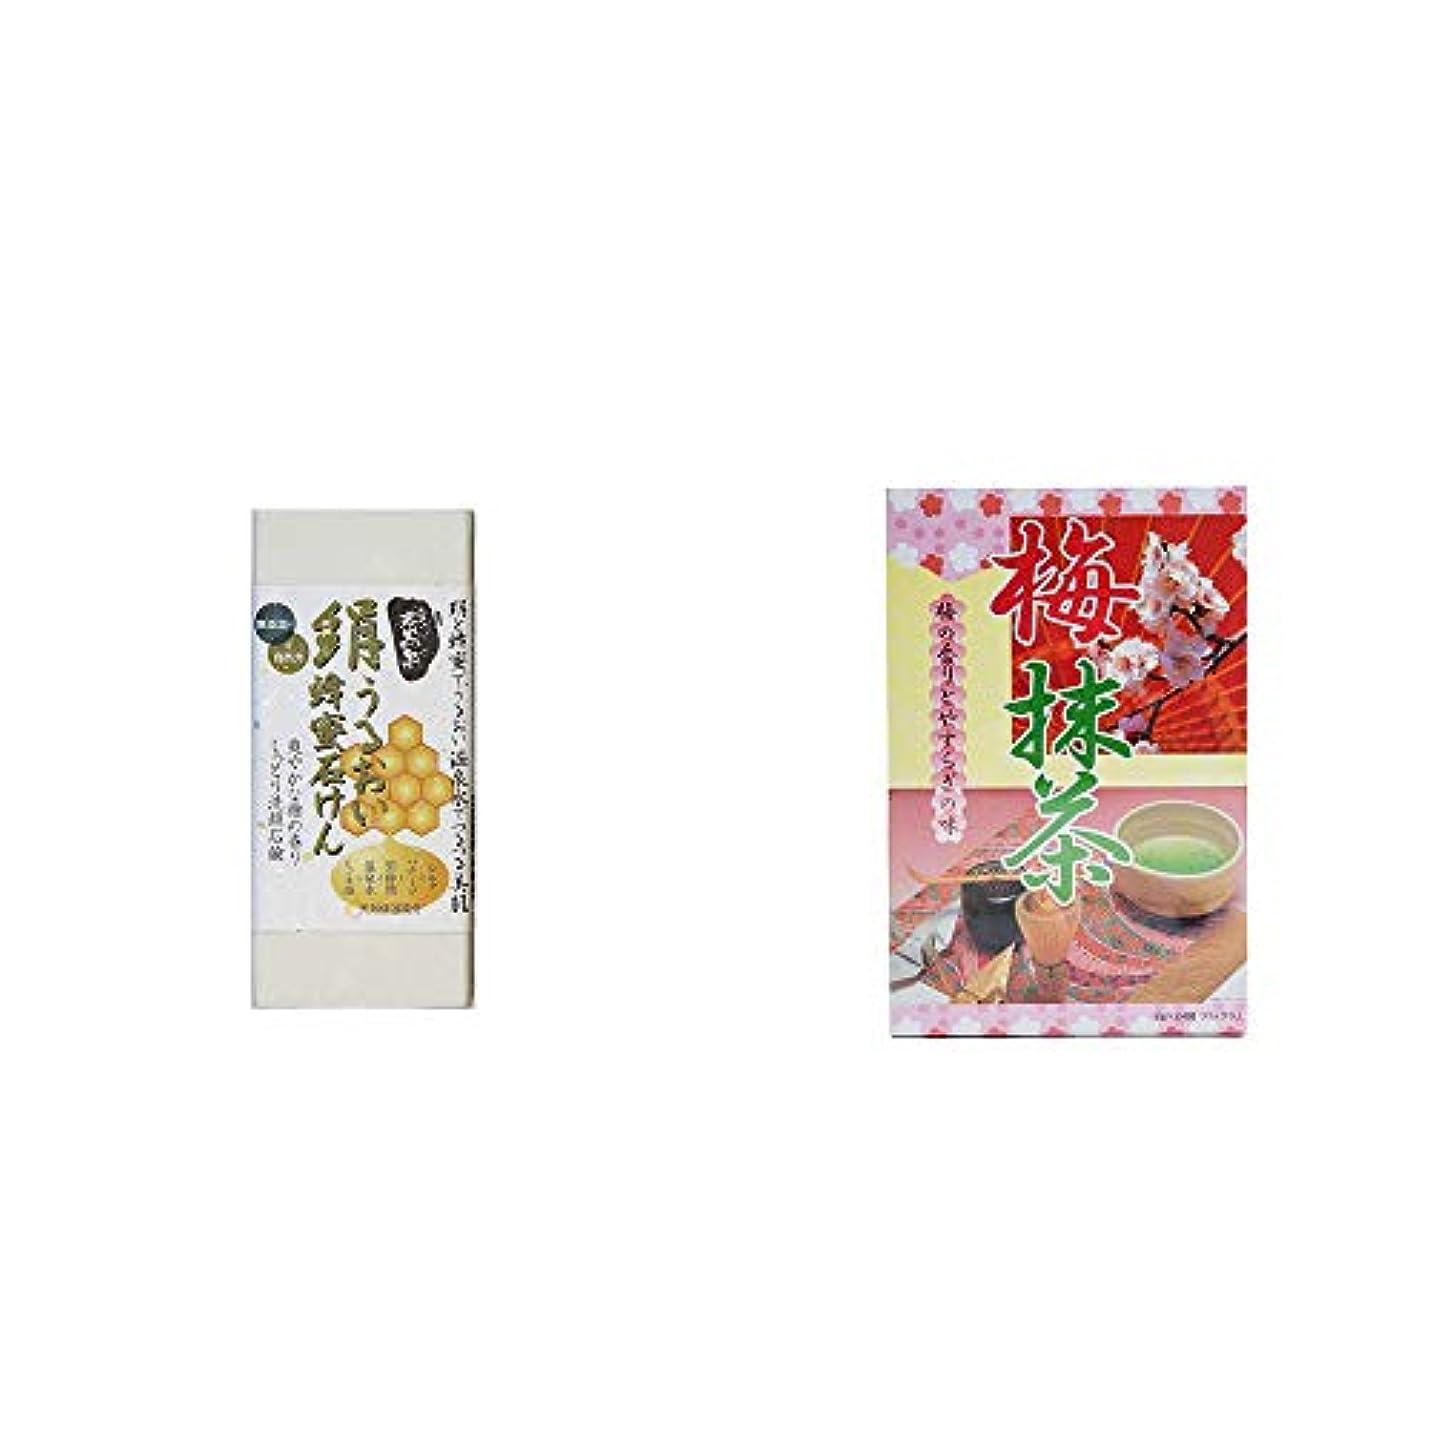 順番話すフィットネス[2点セット] ひのき炭黒泉 絹うるおい蜂蜜石けん(75g×2)?梅抹茶[大](24袋)